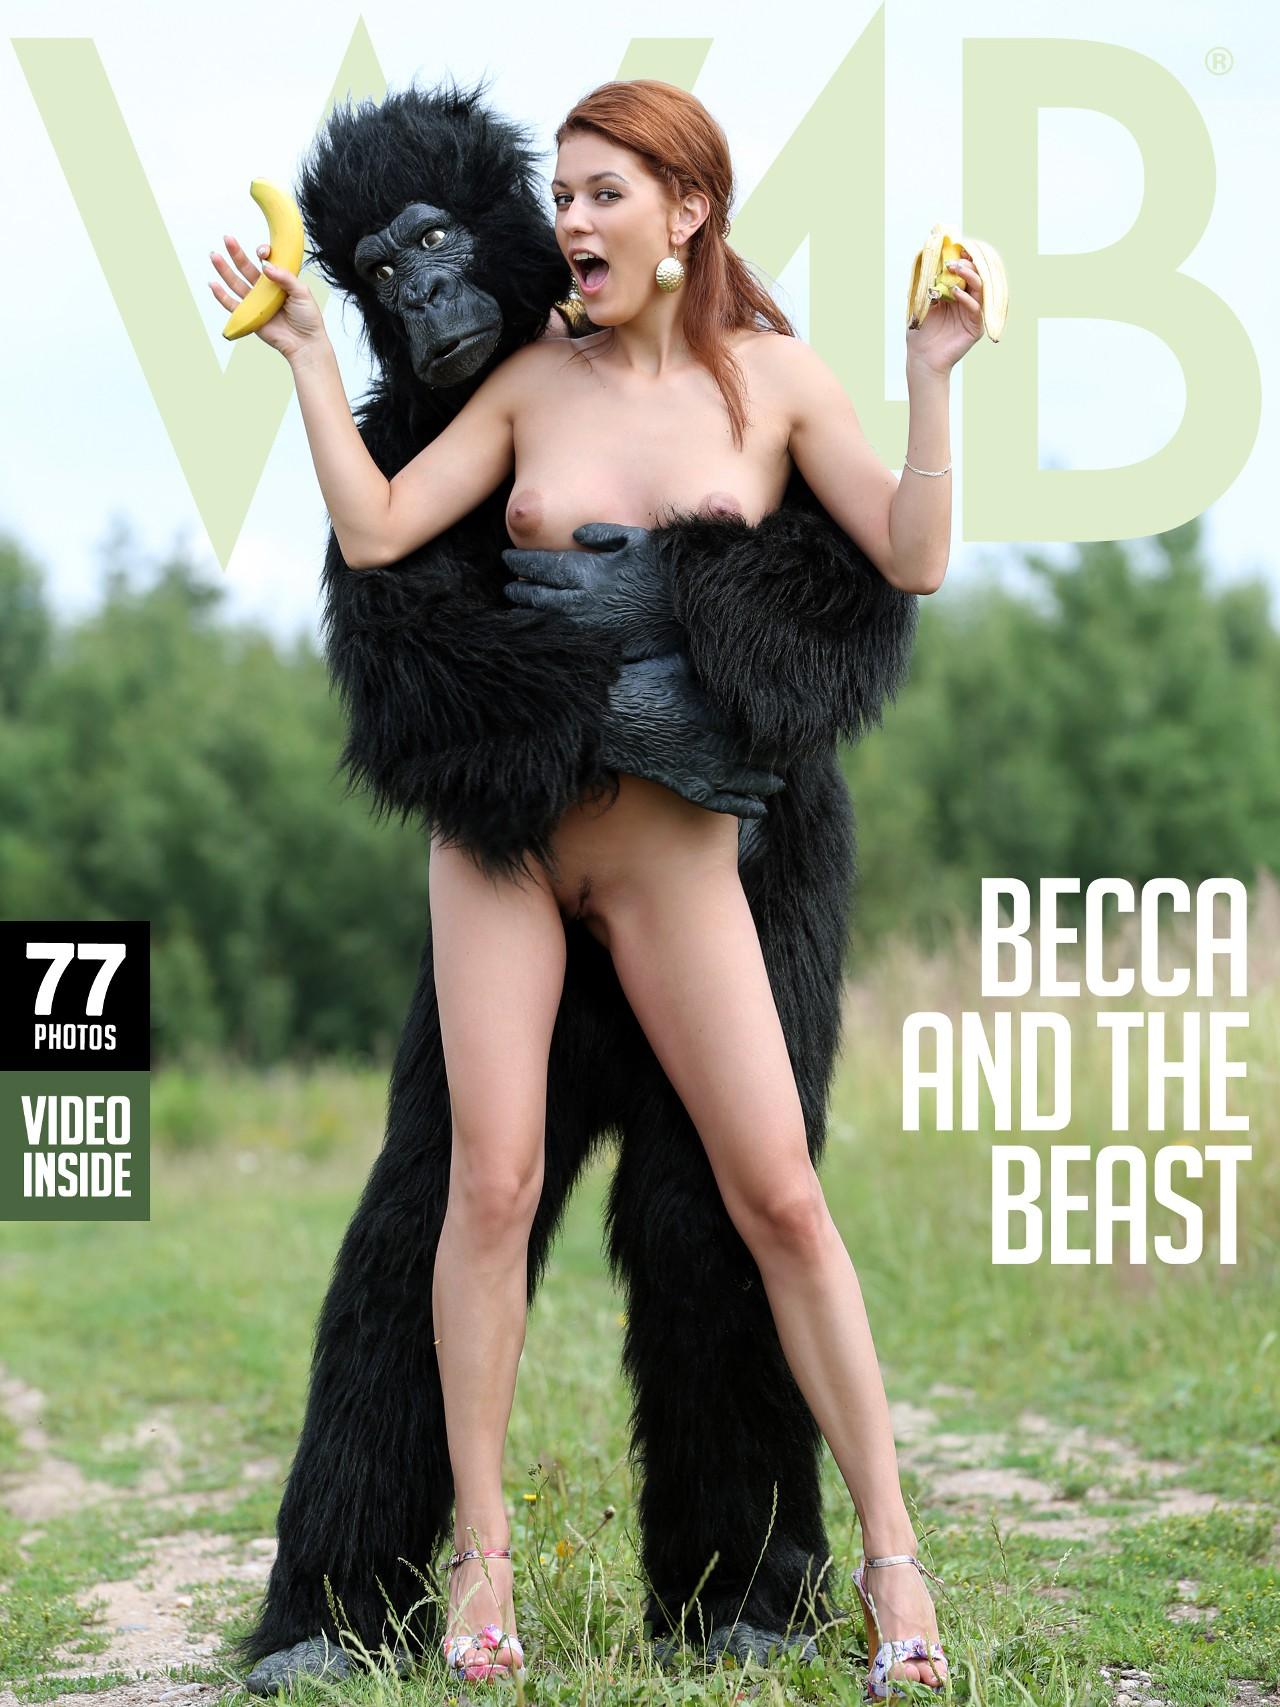 Becca: Becca and the beast